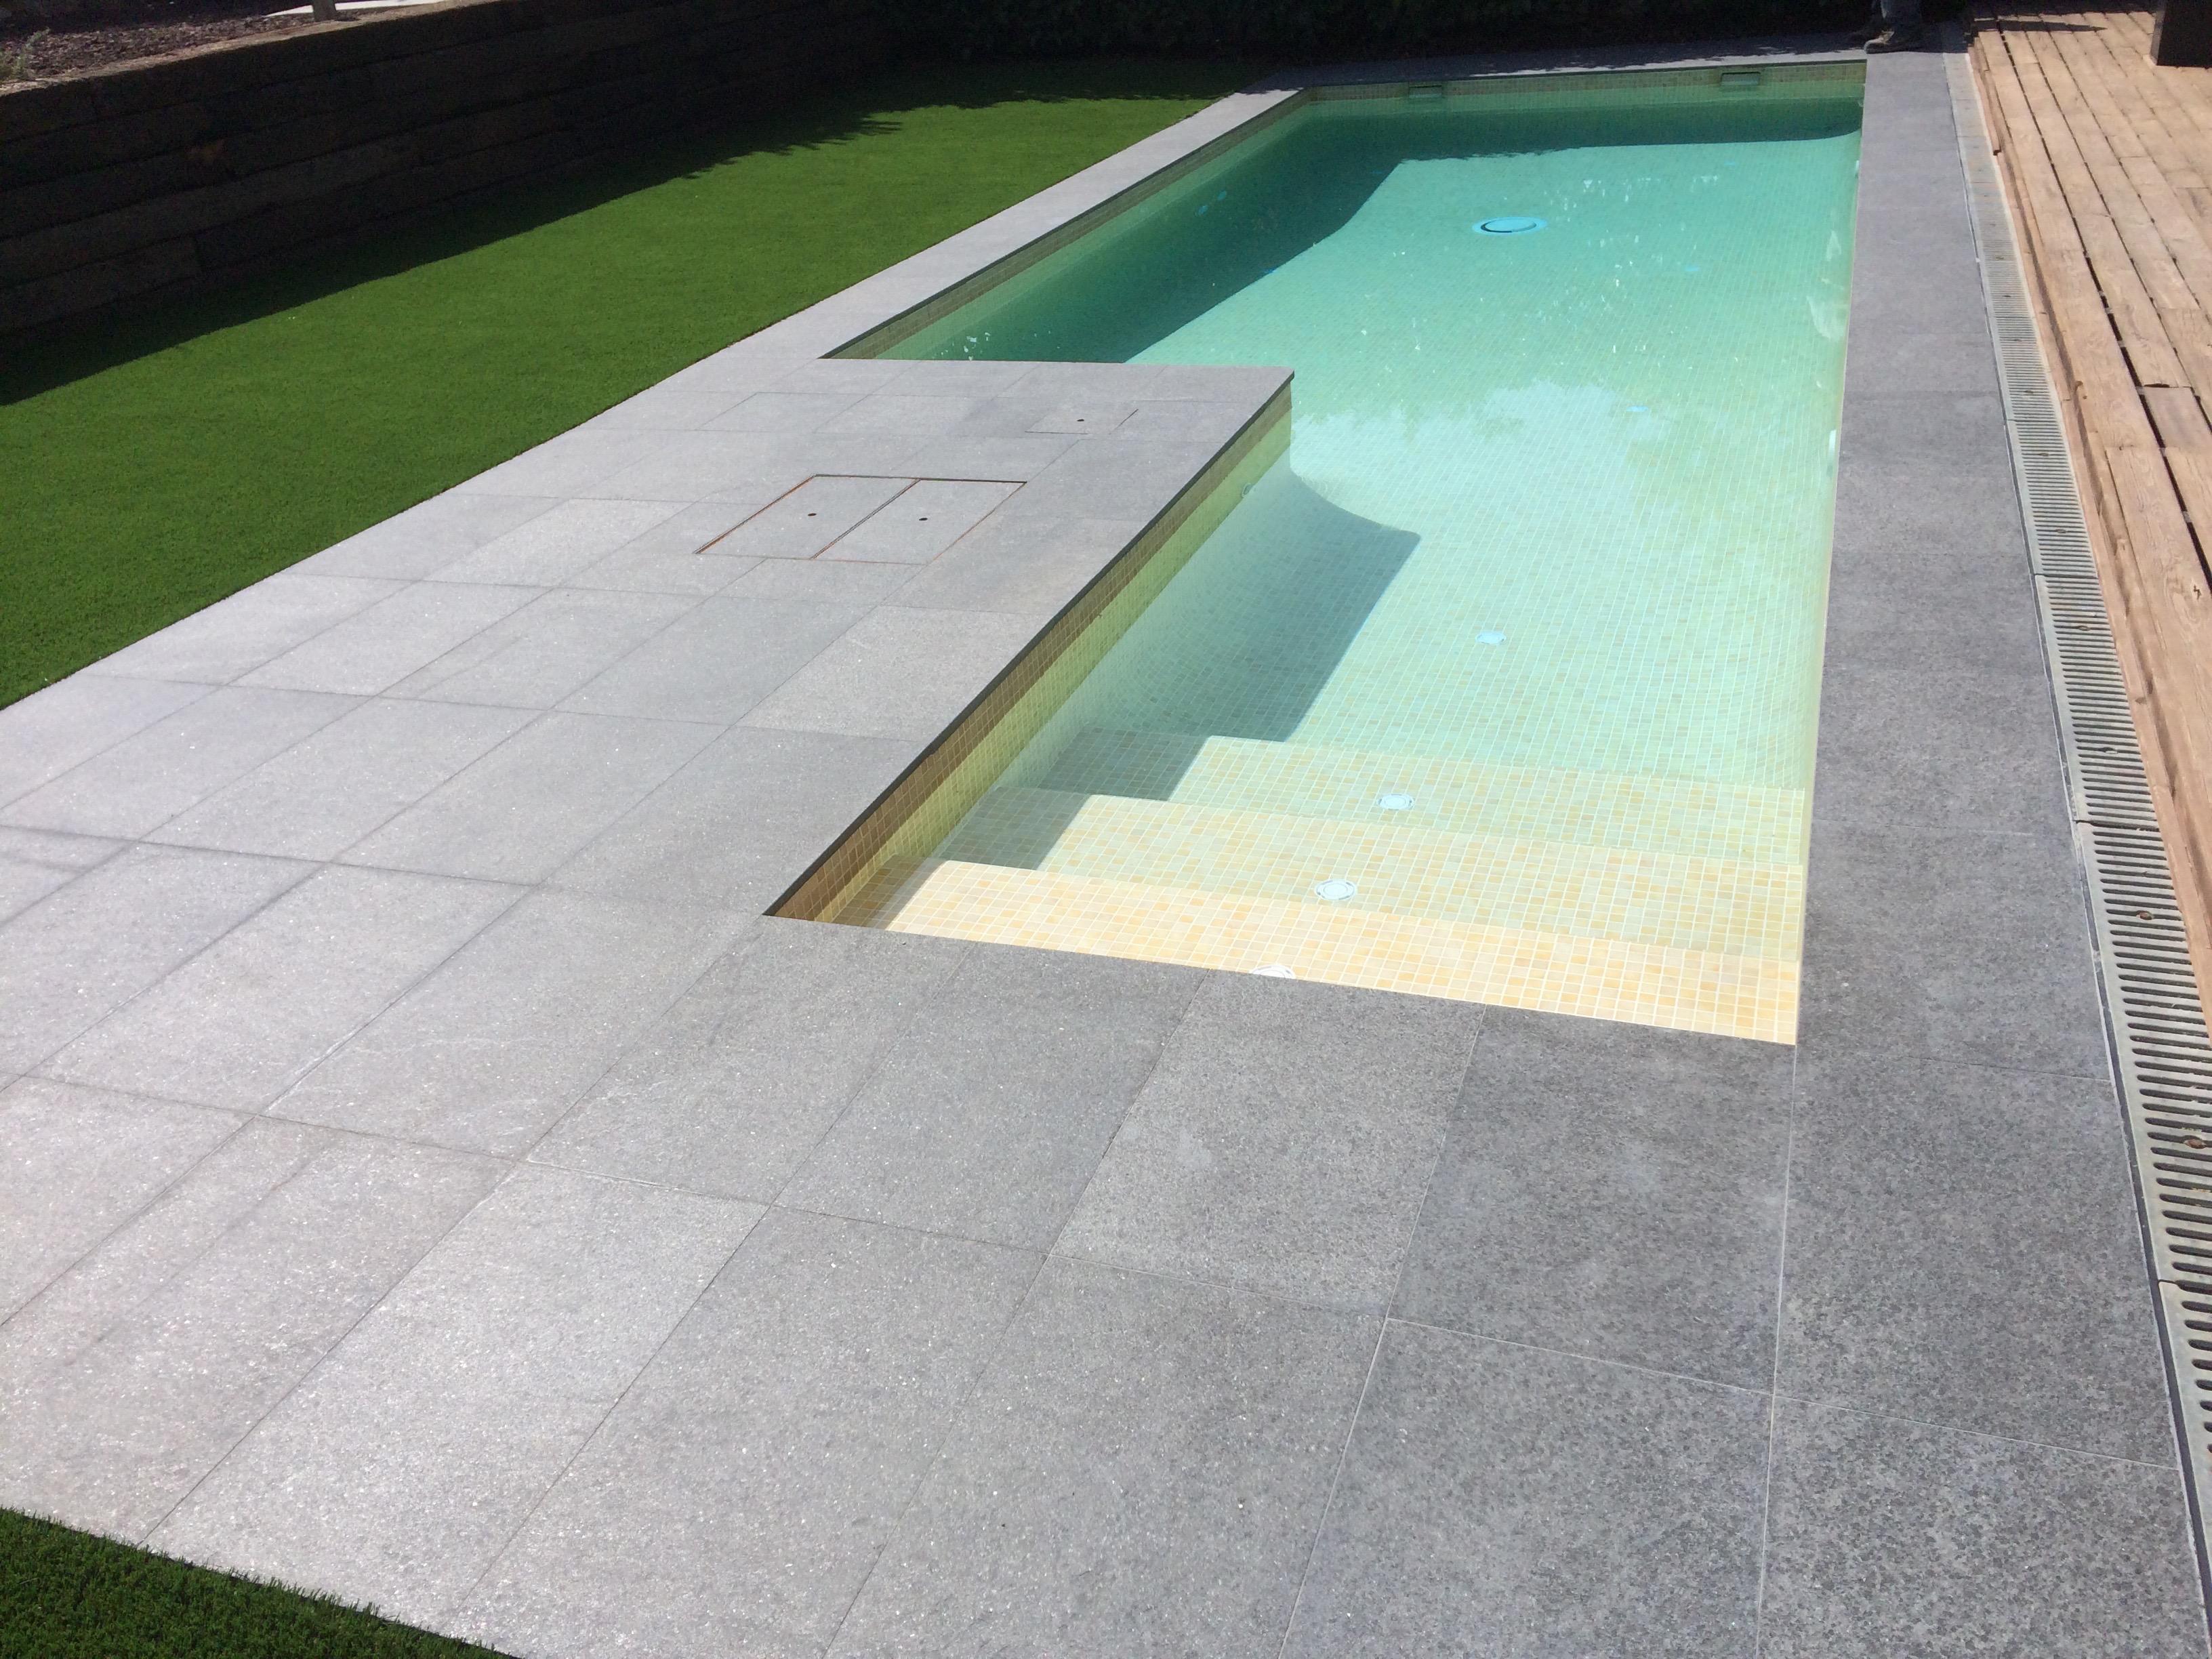 Construcci n de piscinas piscinas aop for Coronacion de piscinas precios